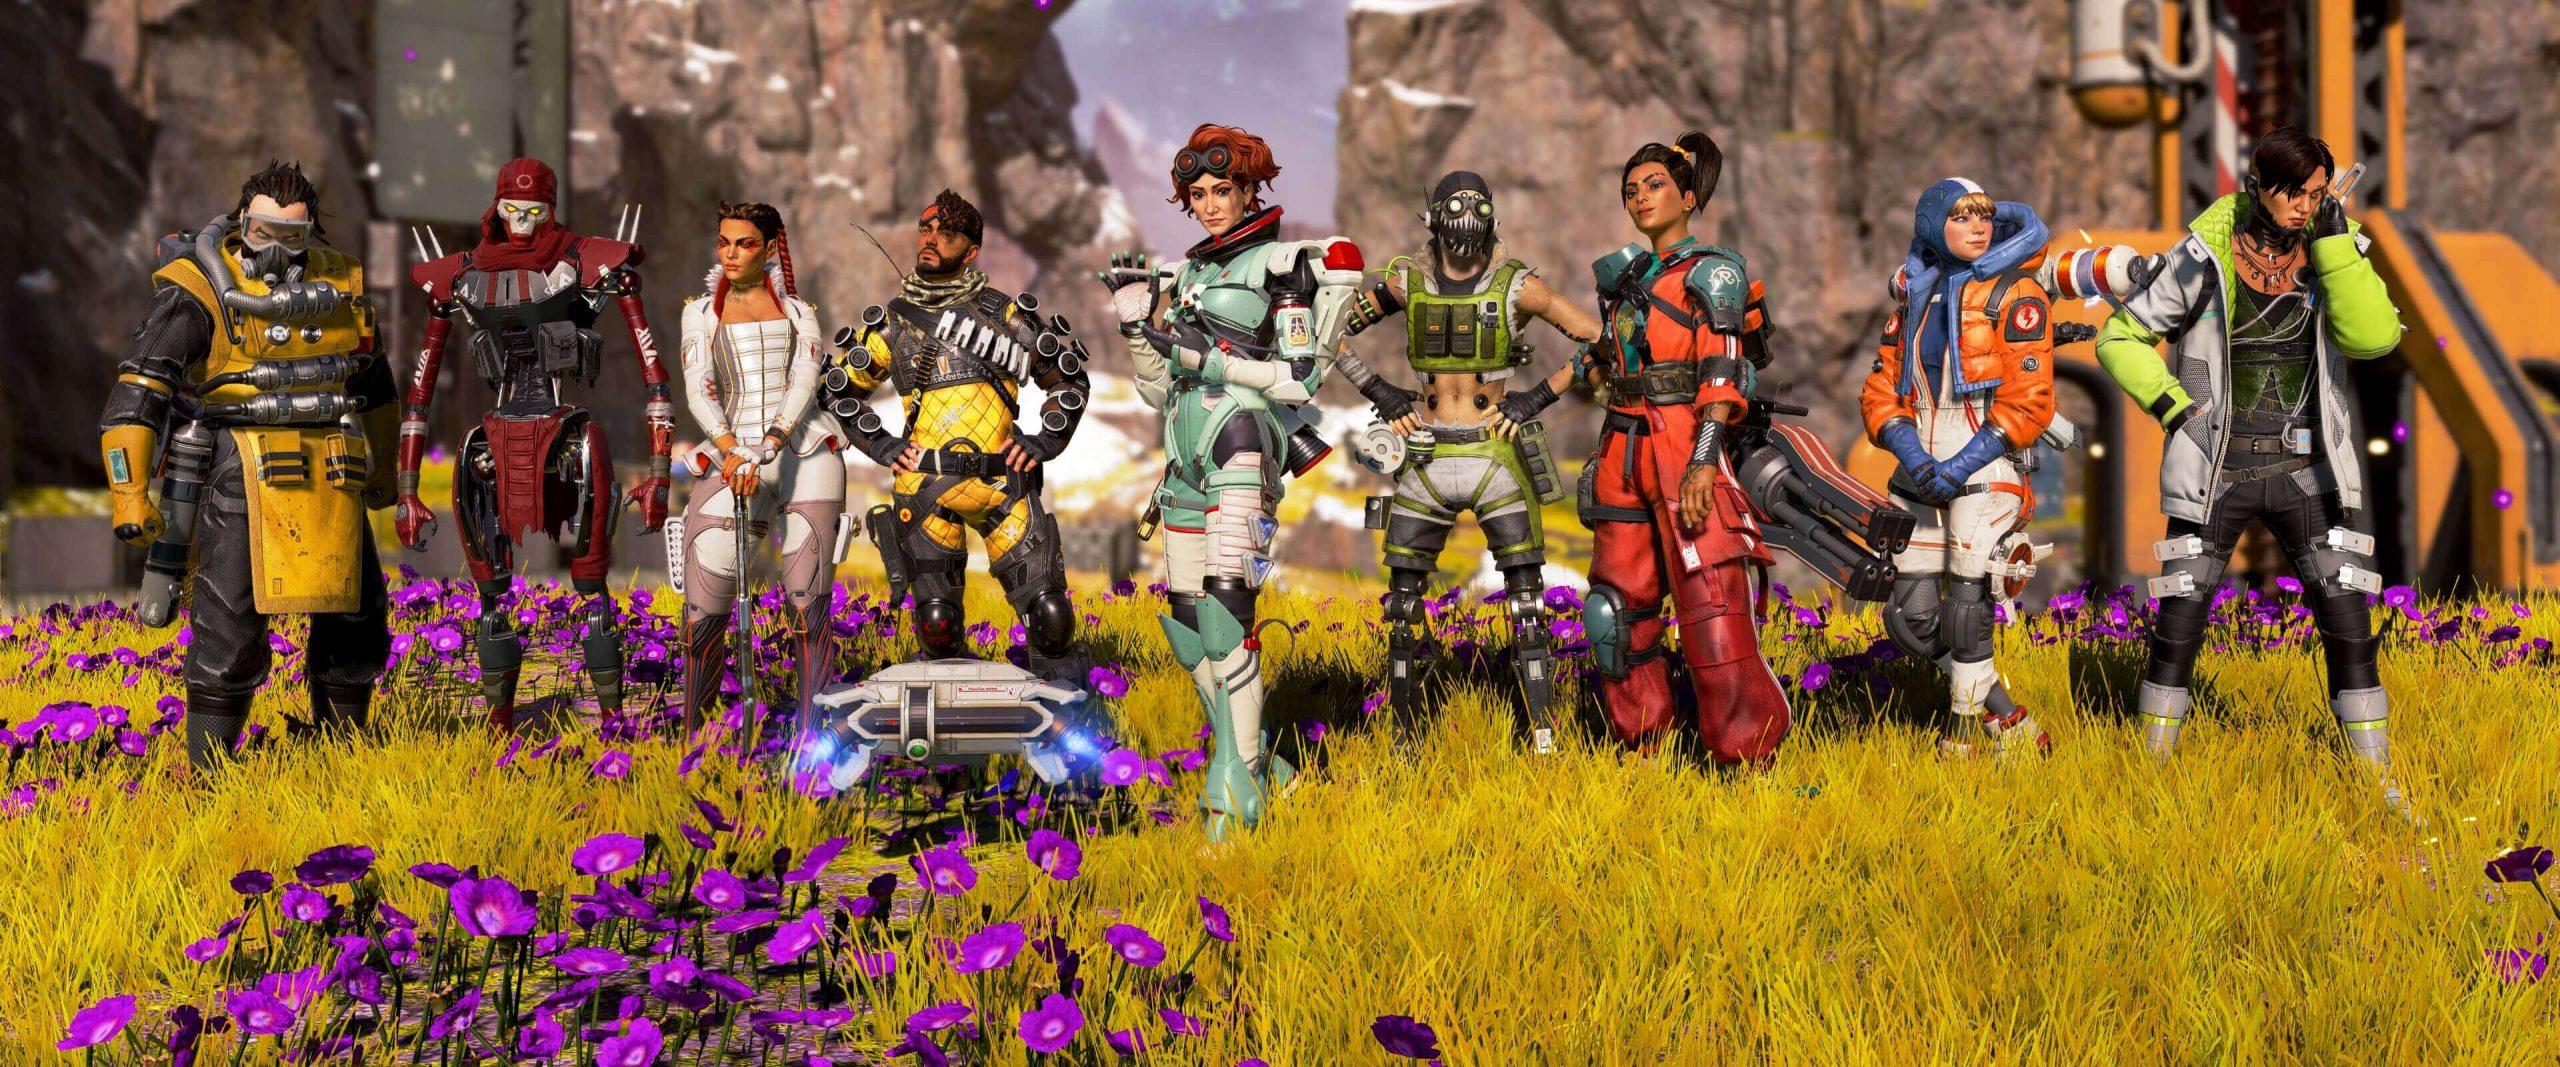 Apex Legends ตัวละคร และสกิลพิเศษที่น่าสนใจ